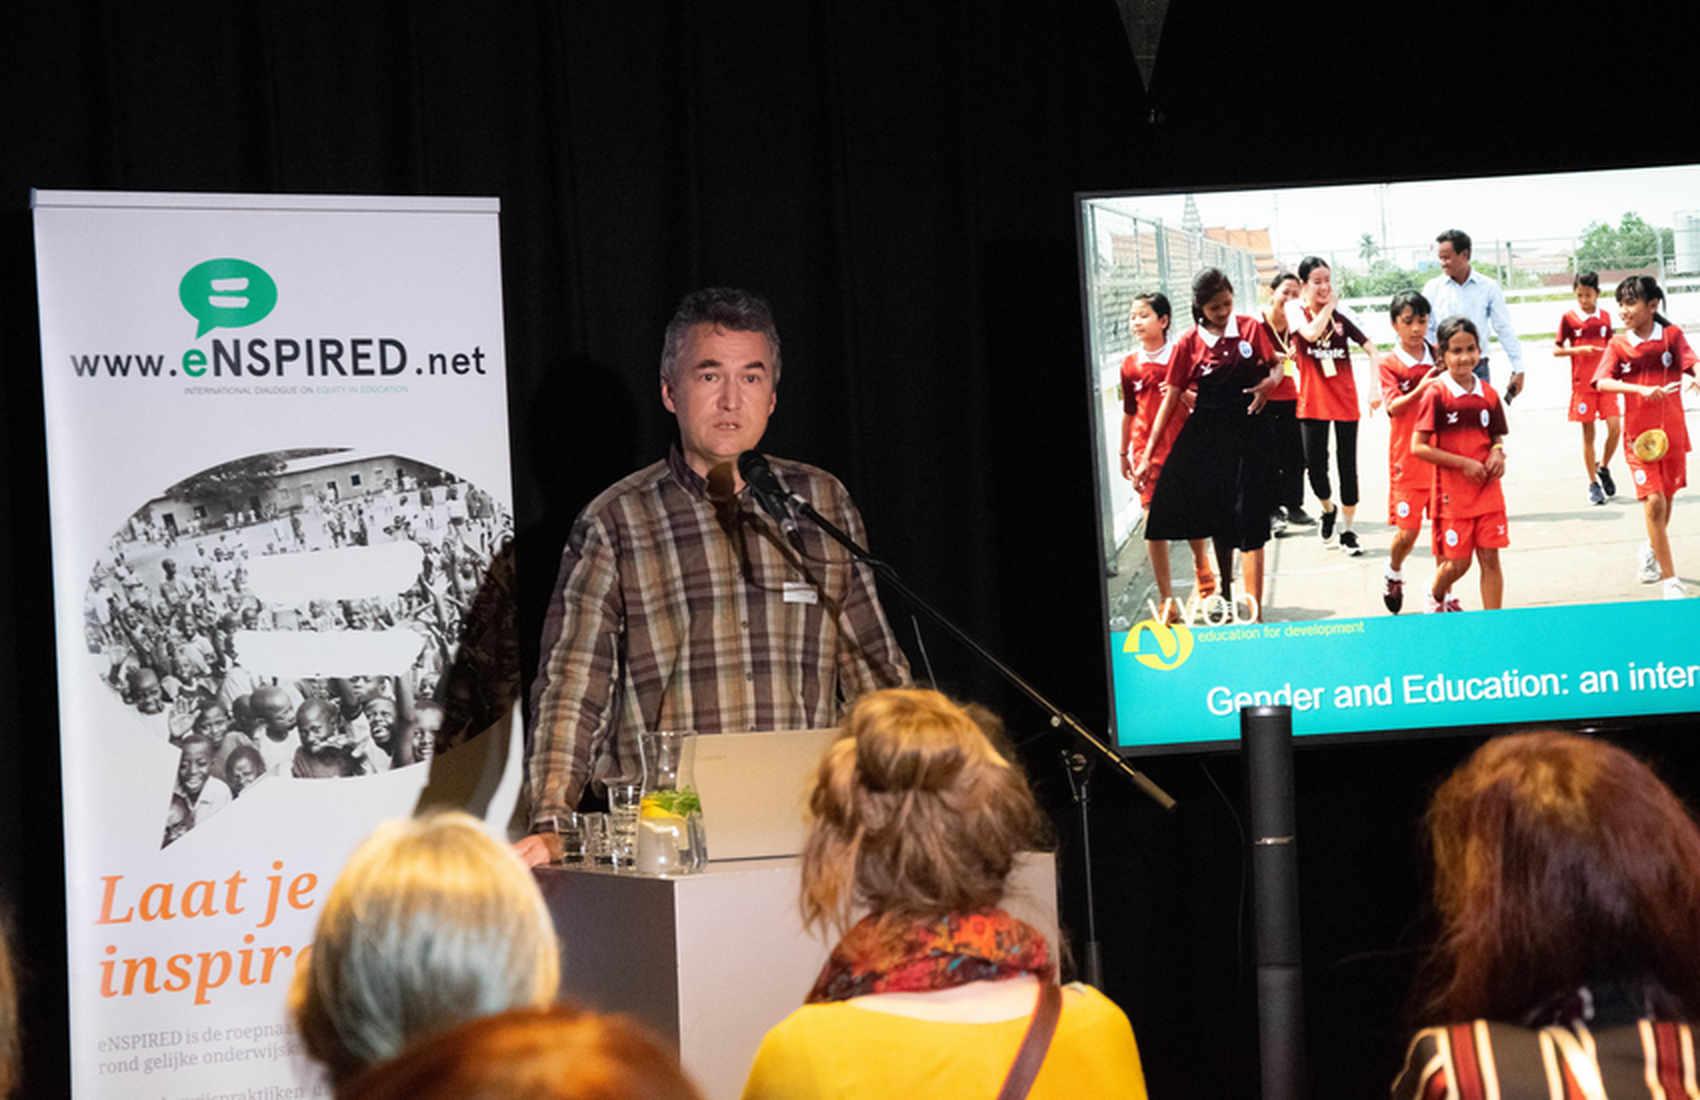 Tom Vandenbosch, Programma Directeur bij VVOB, verwelkomt onze gasten.